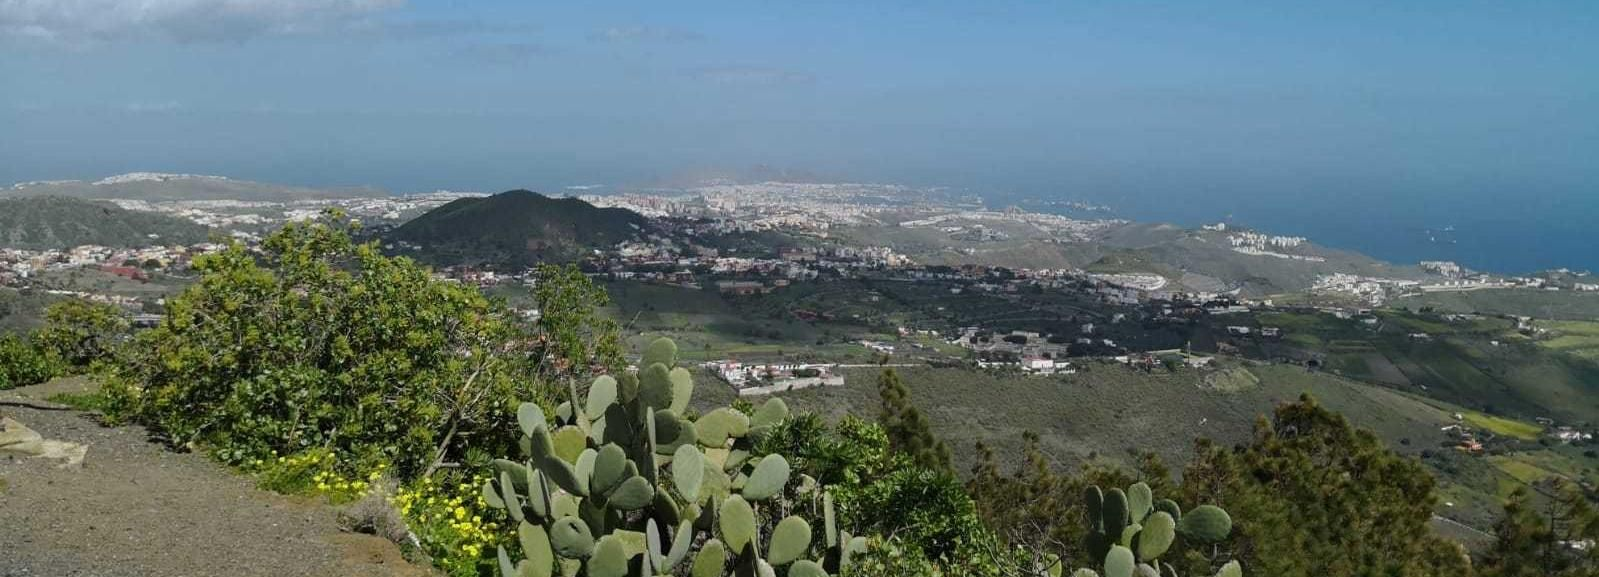 Från Las Palmas: Bandama-kratern och botaniska trädgården